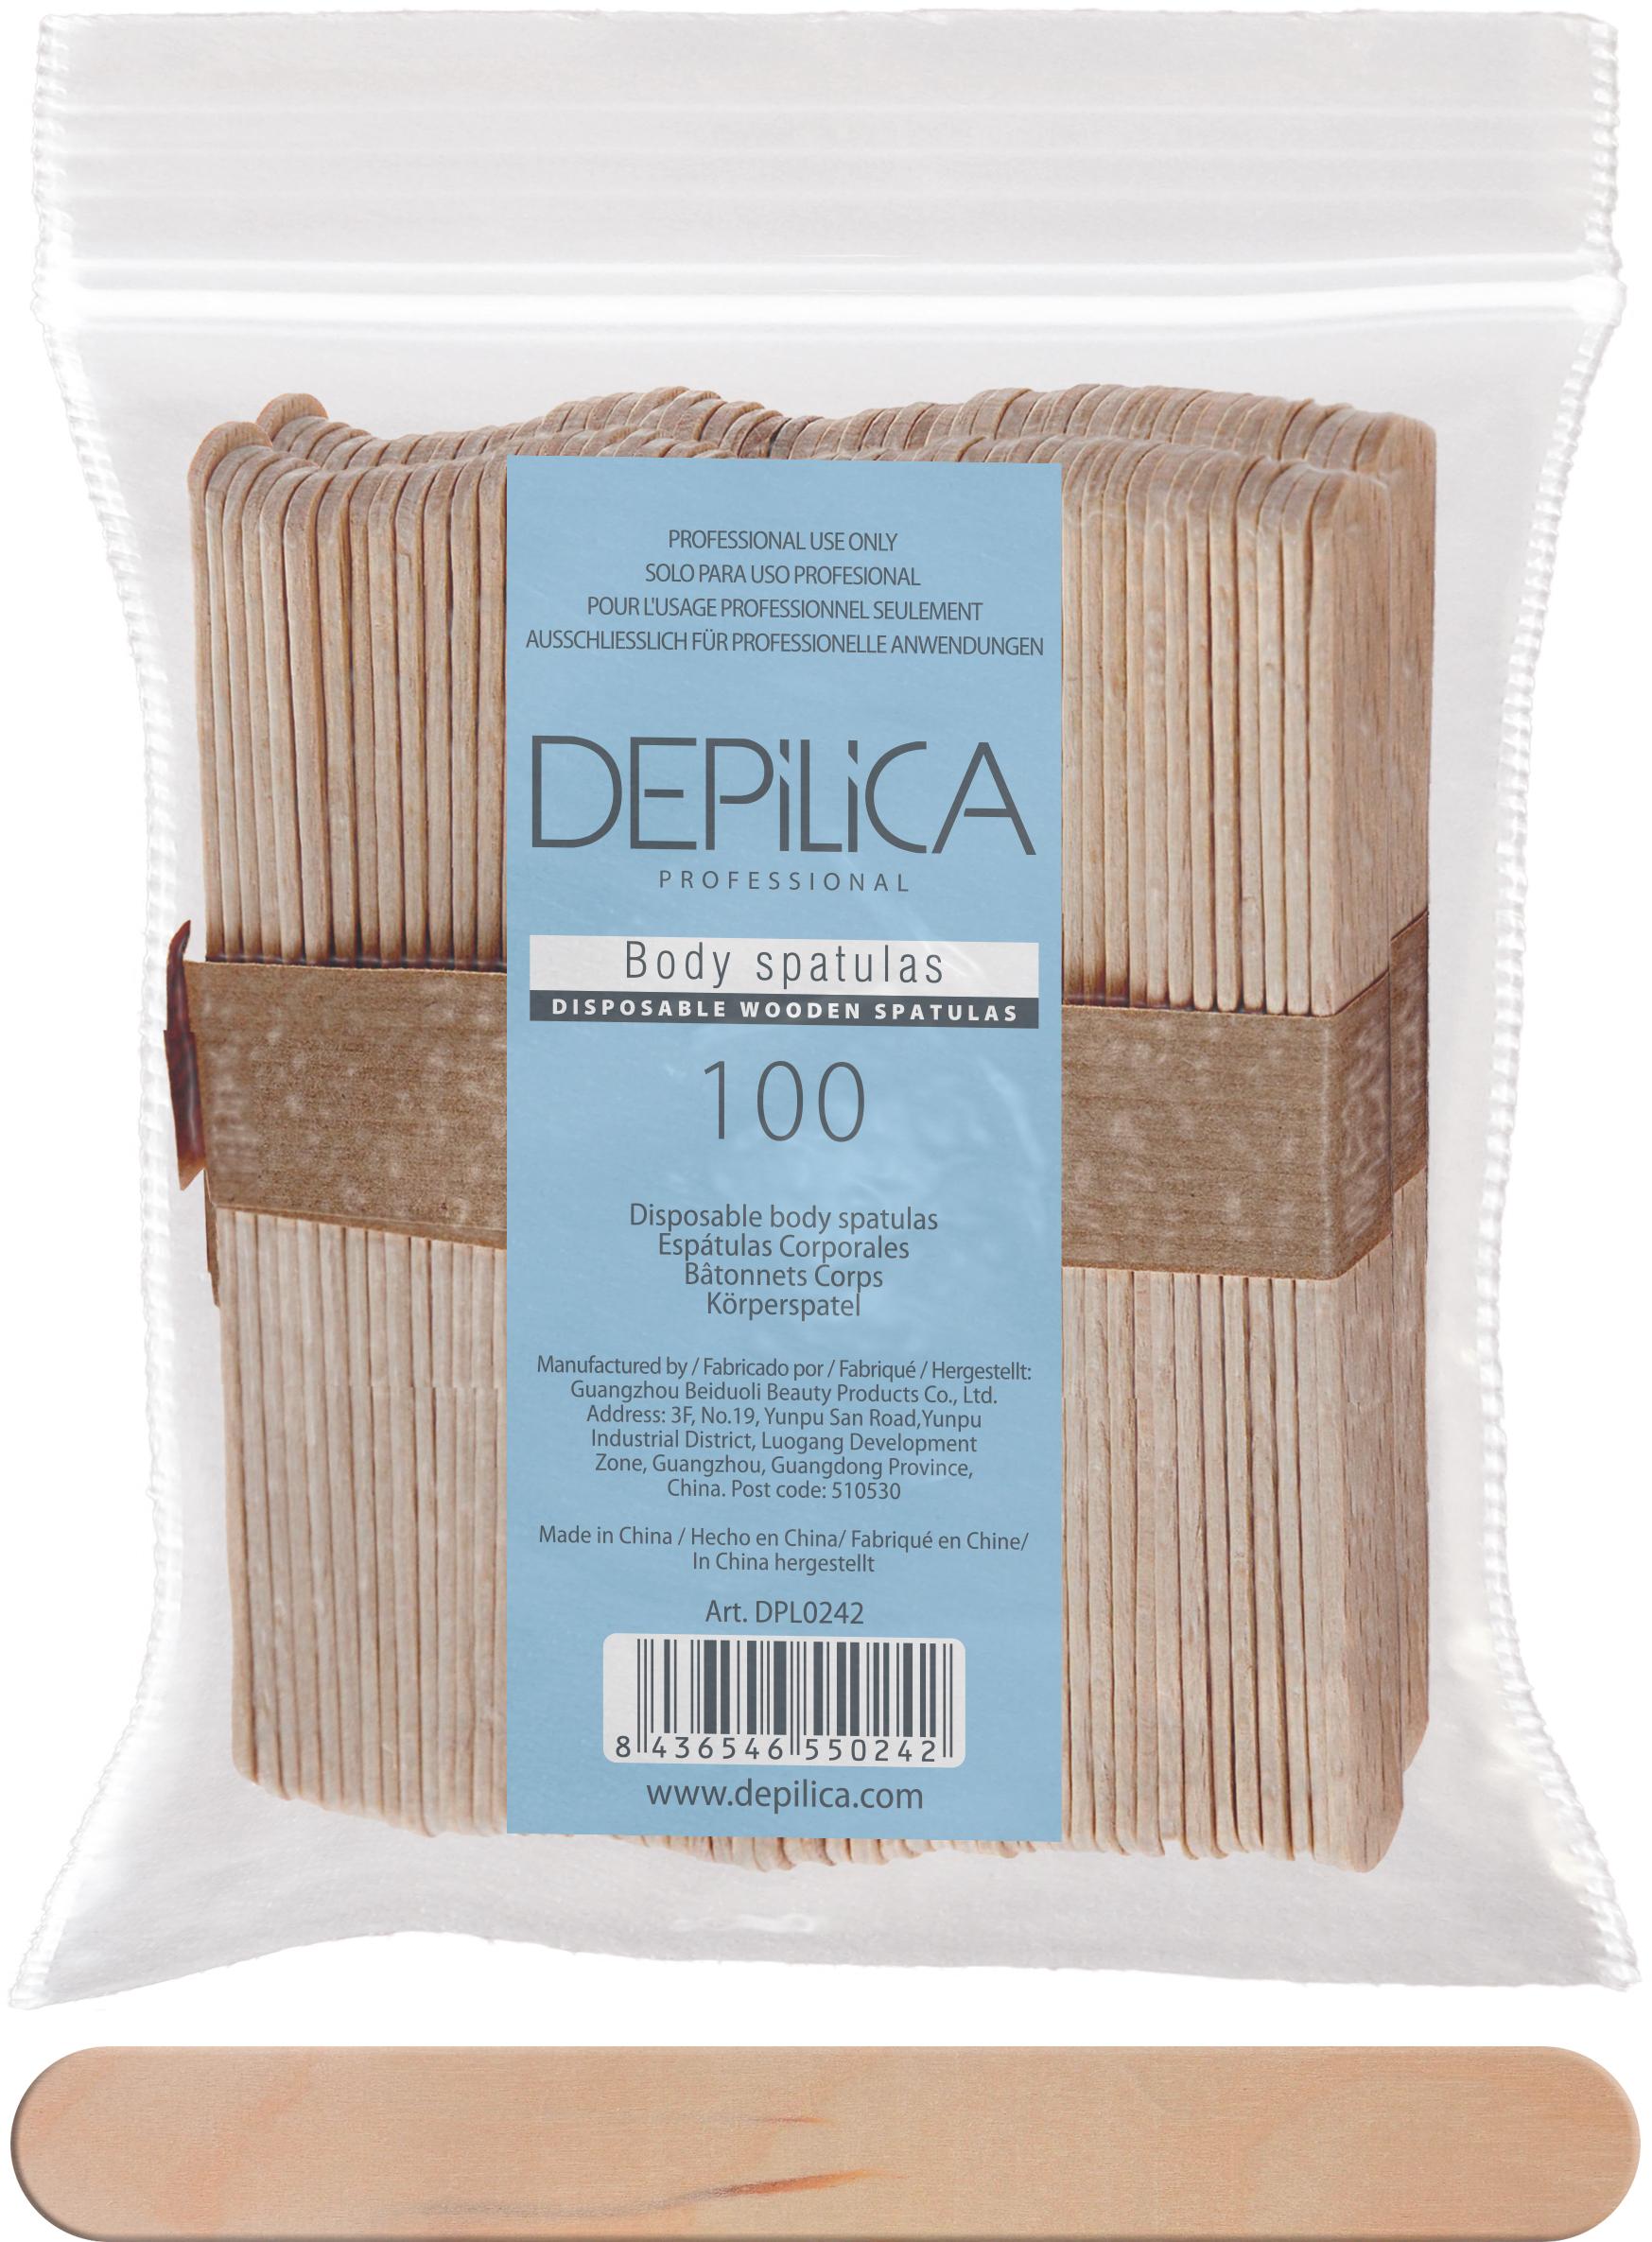 DEPILICA PROFESSIONAL Шпатели деревянные одноразовые для тела / Disposable Wooden body s patulas 100 шт depilica professional пакеты защитные пластиковые plastic linners 100 шт